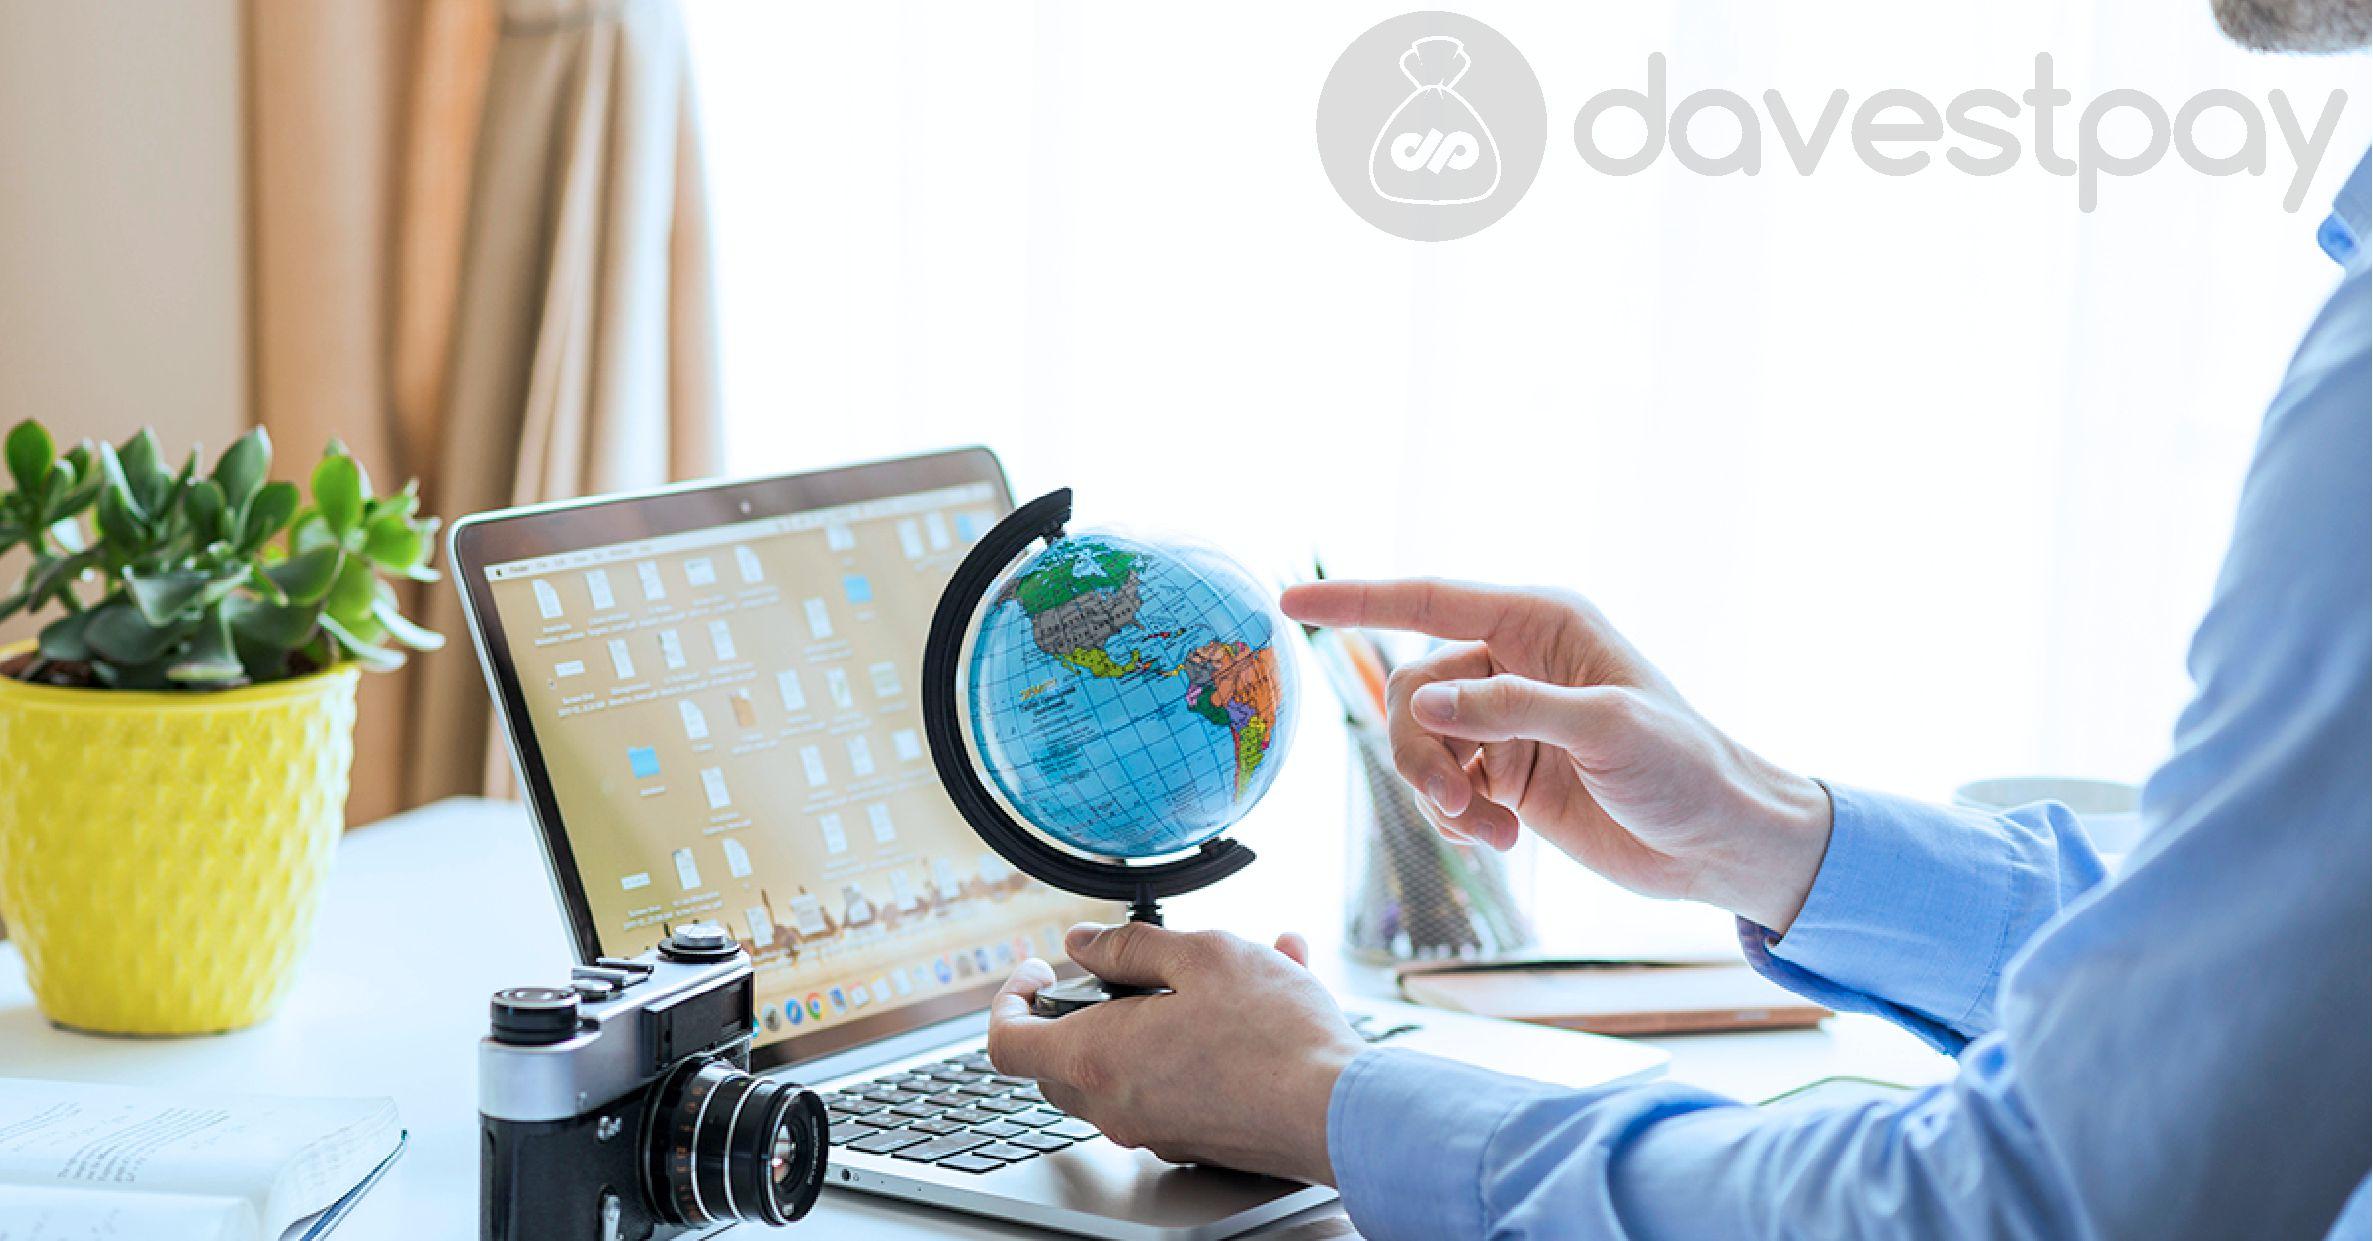 Ingin Buka Usaha Tour Dan Travel? Simak Tipsnya!